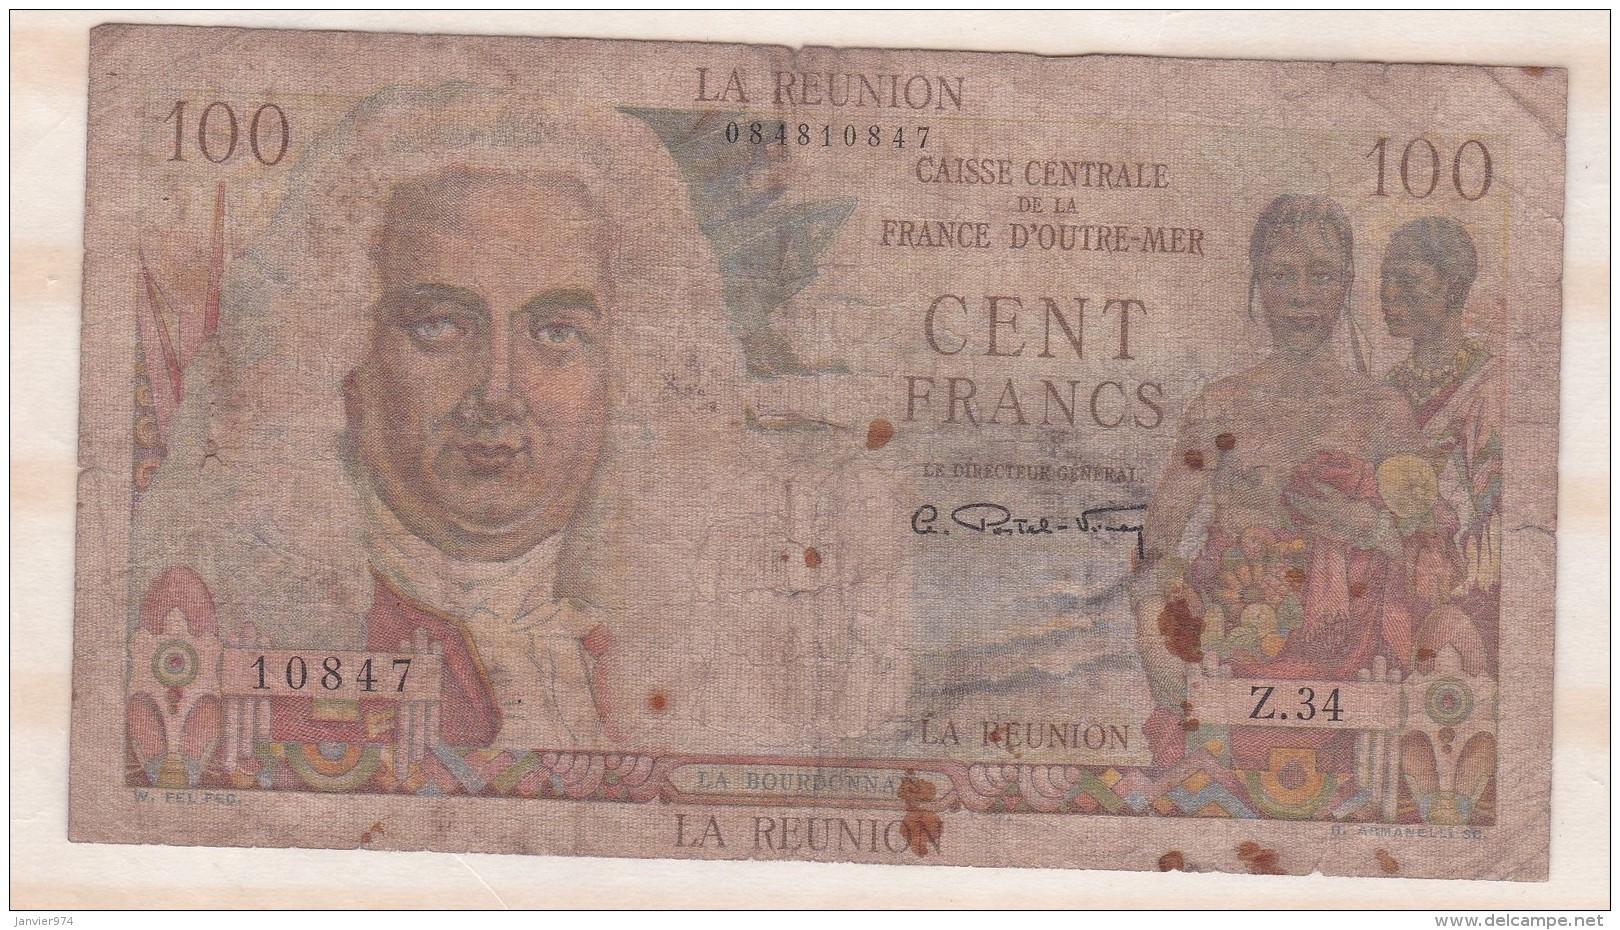 REUNION  100 Francs Type 1946 LA BOURDONNAIS, Alphabet Z.34 ,n° 10847 - Réunion